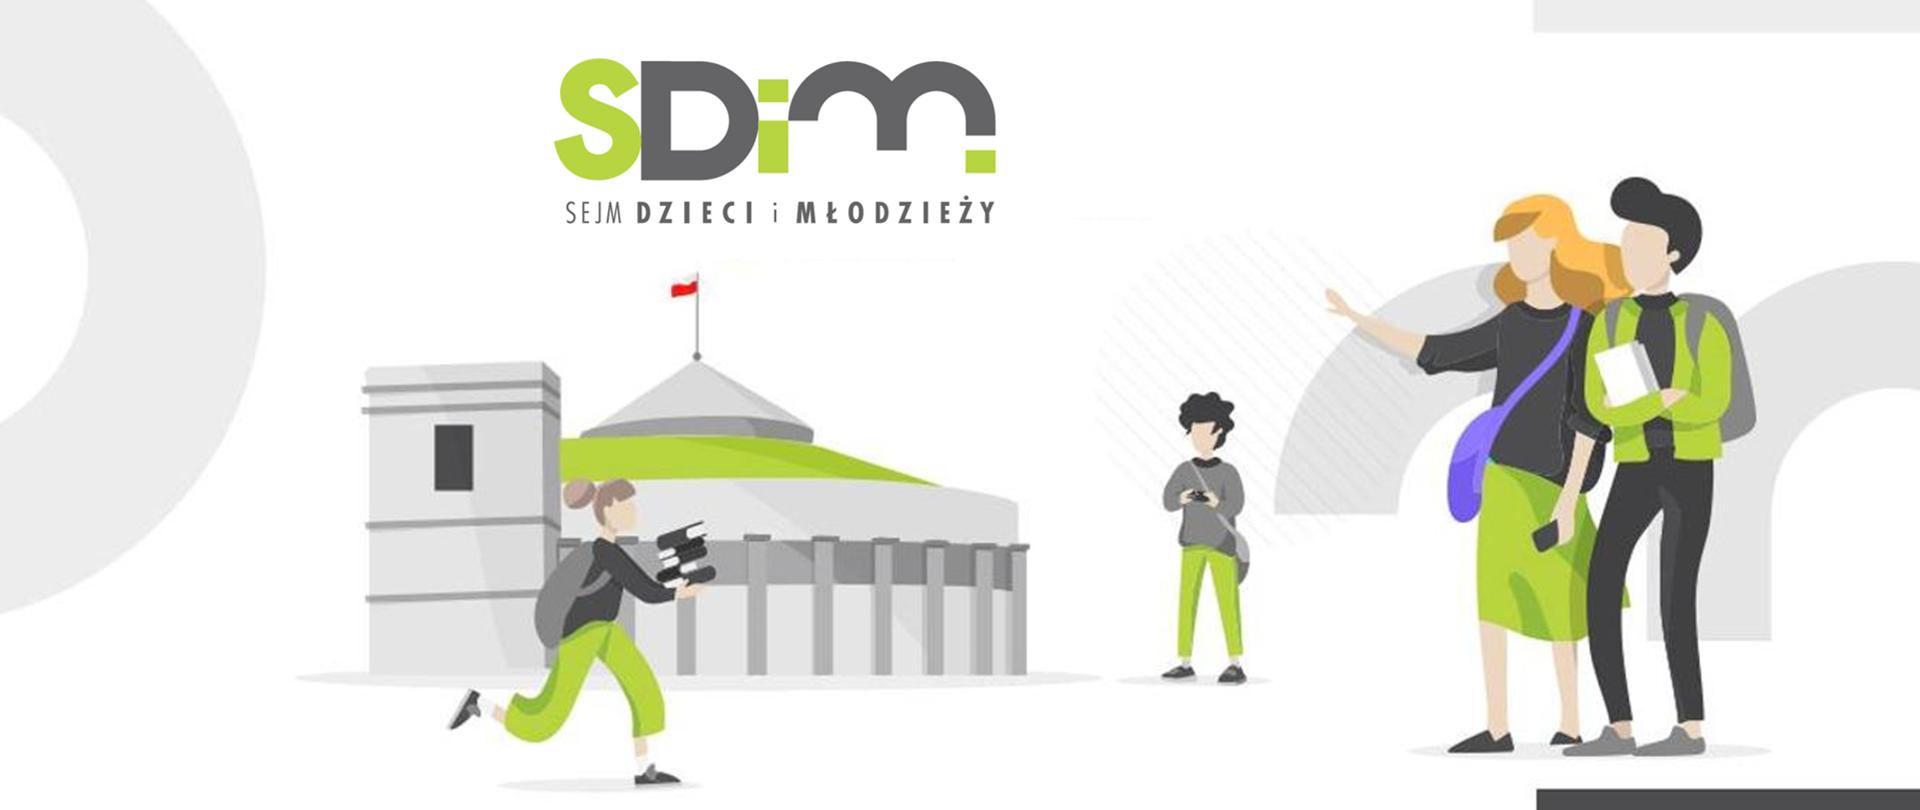 Grafika z budynkiem sejmu, ludźmi i logiem SDiM